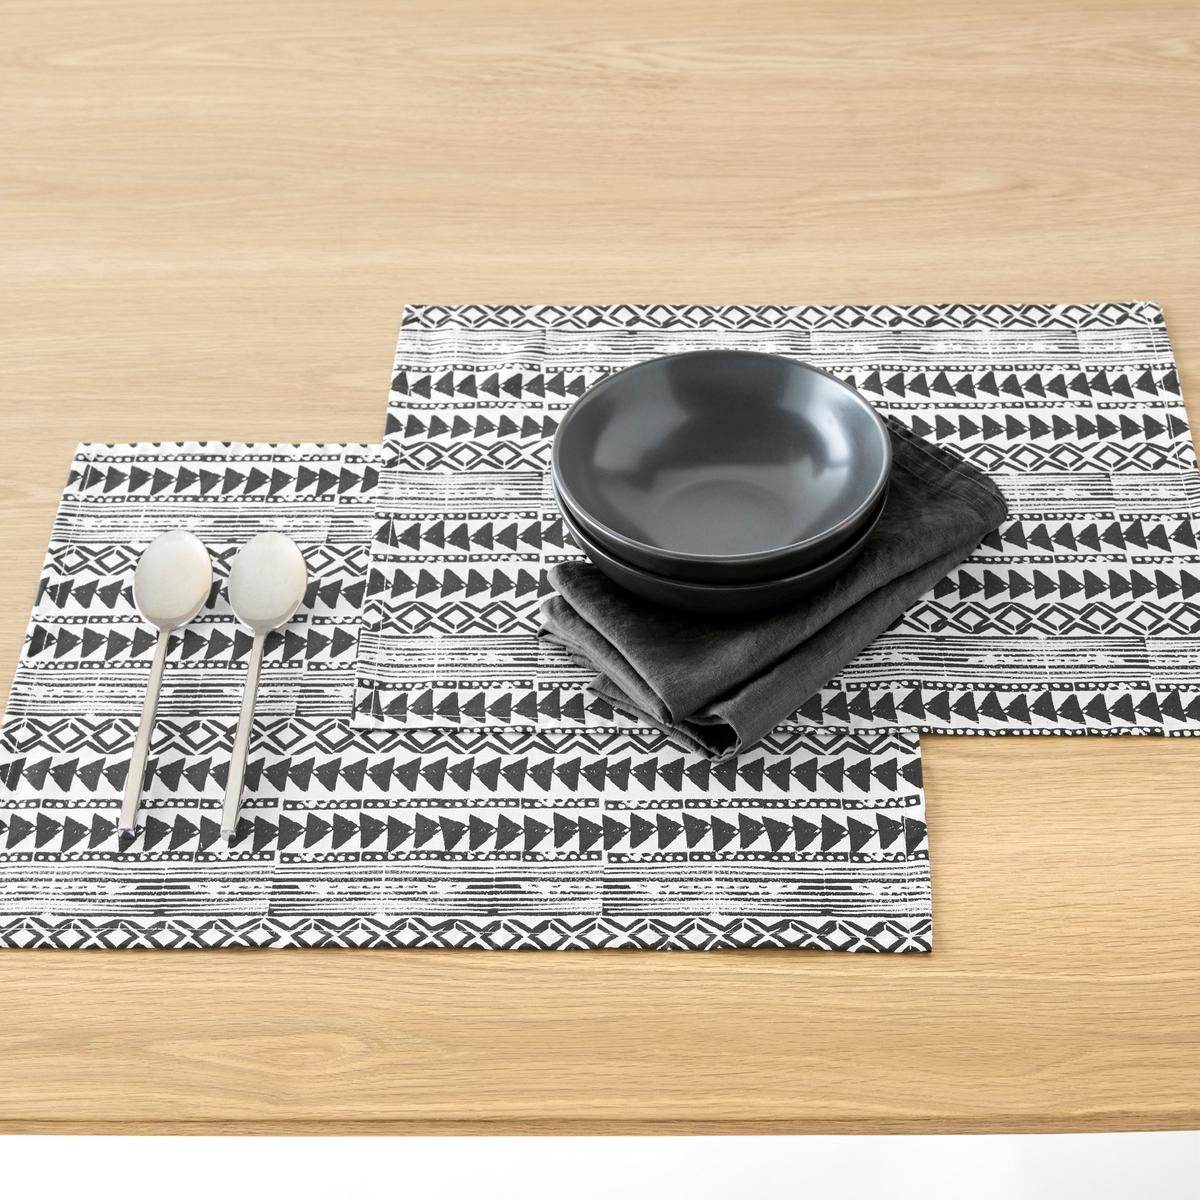 Подложка под столовые приборы TIEBELE (2 шт.) набор подложек под столовые приборы феникс презент чашка чая 45 см х 30 см 4 шт 37380